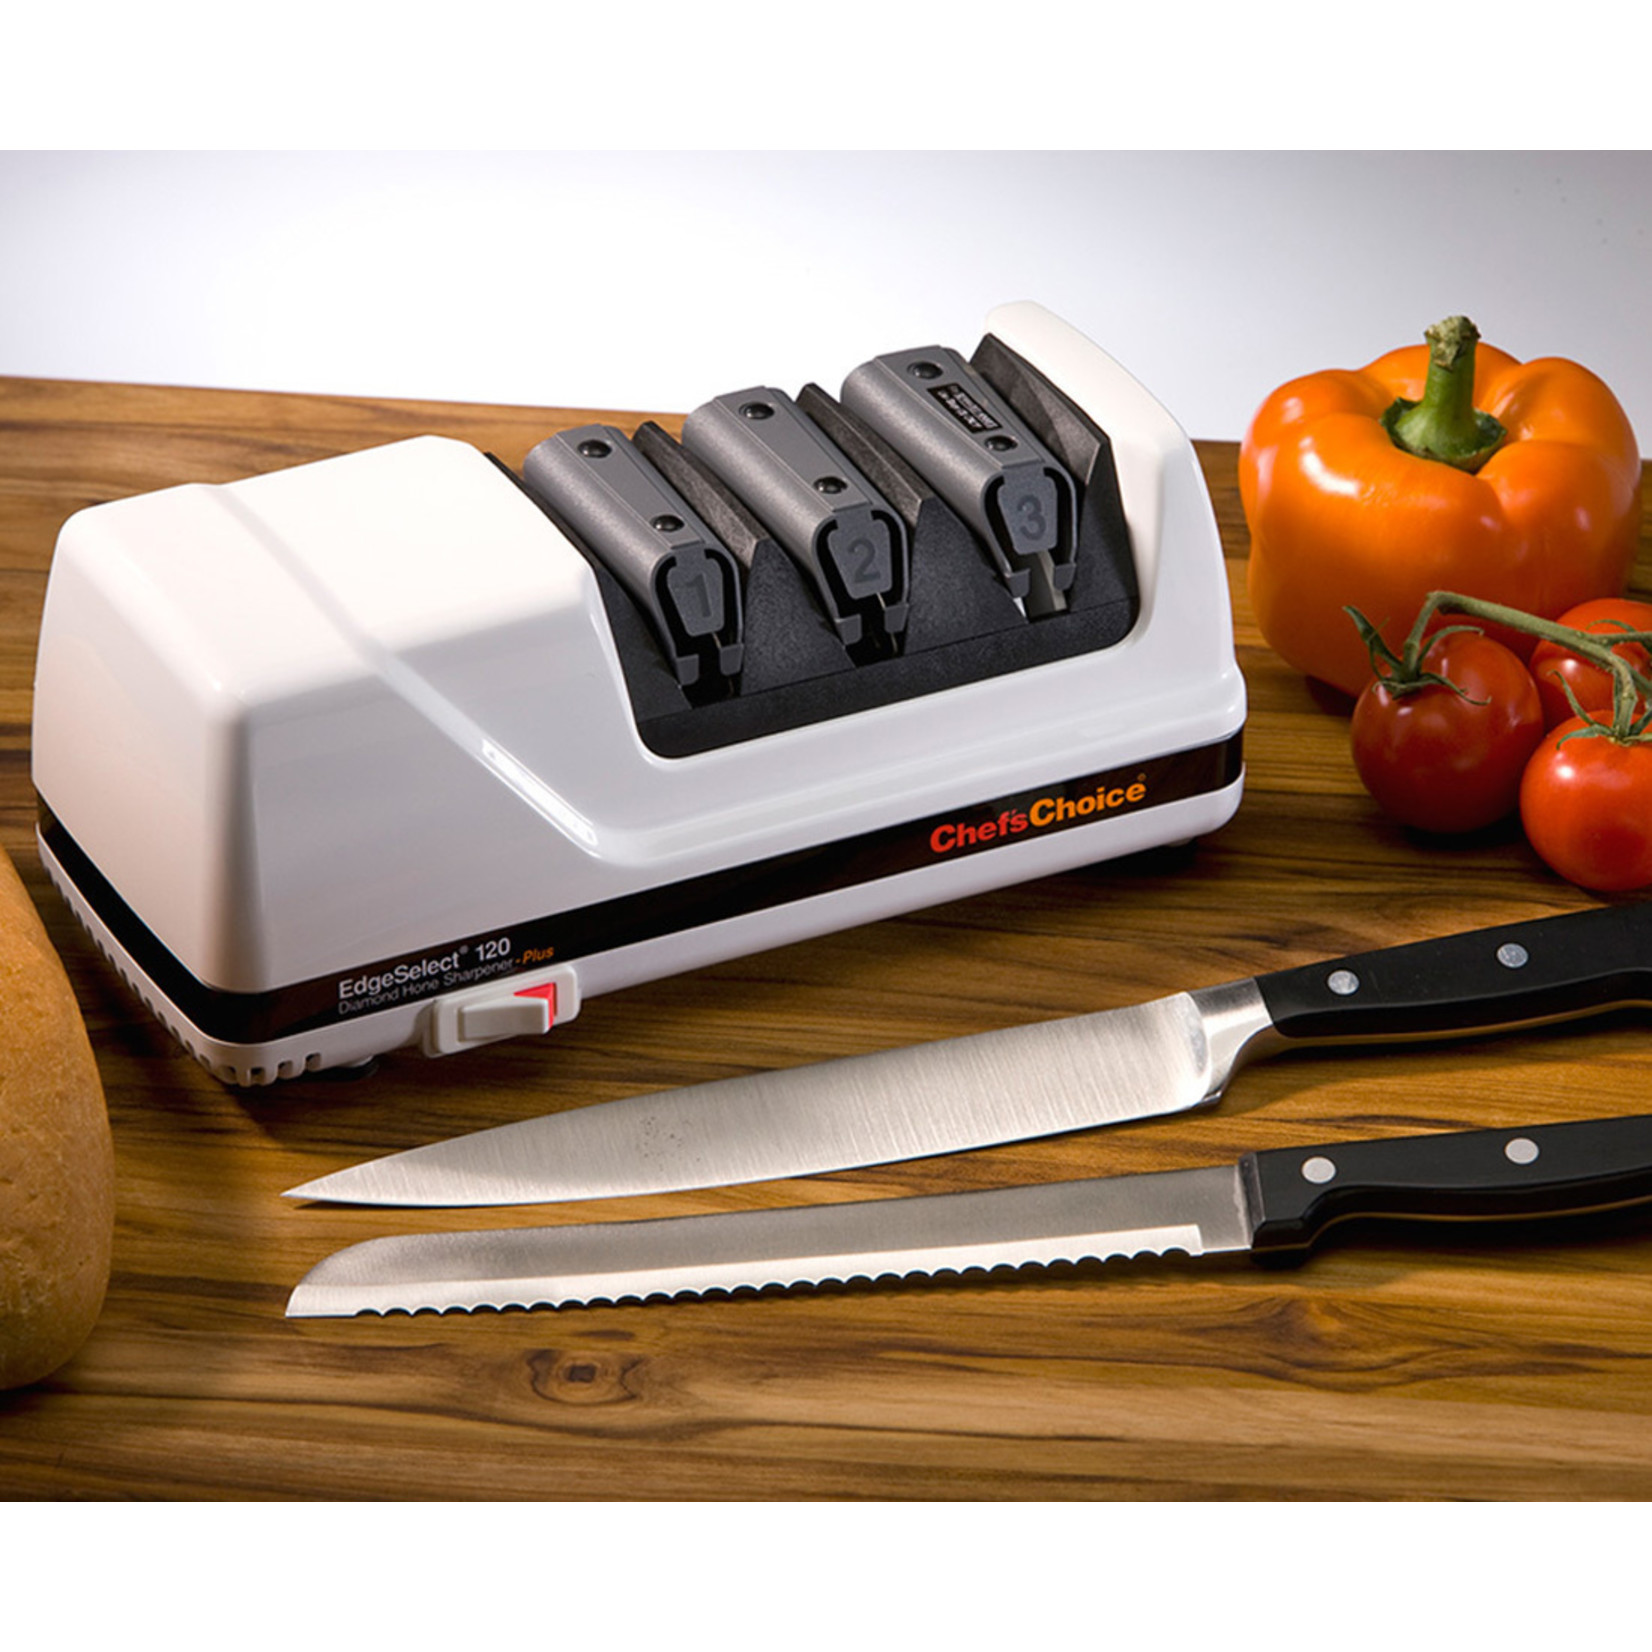 ChefsChoice Chef's Choice Messenslijper 120 wit